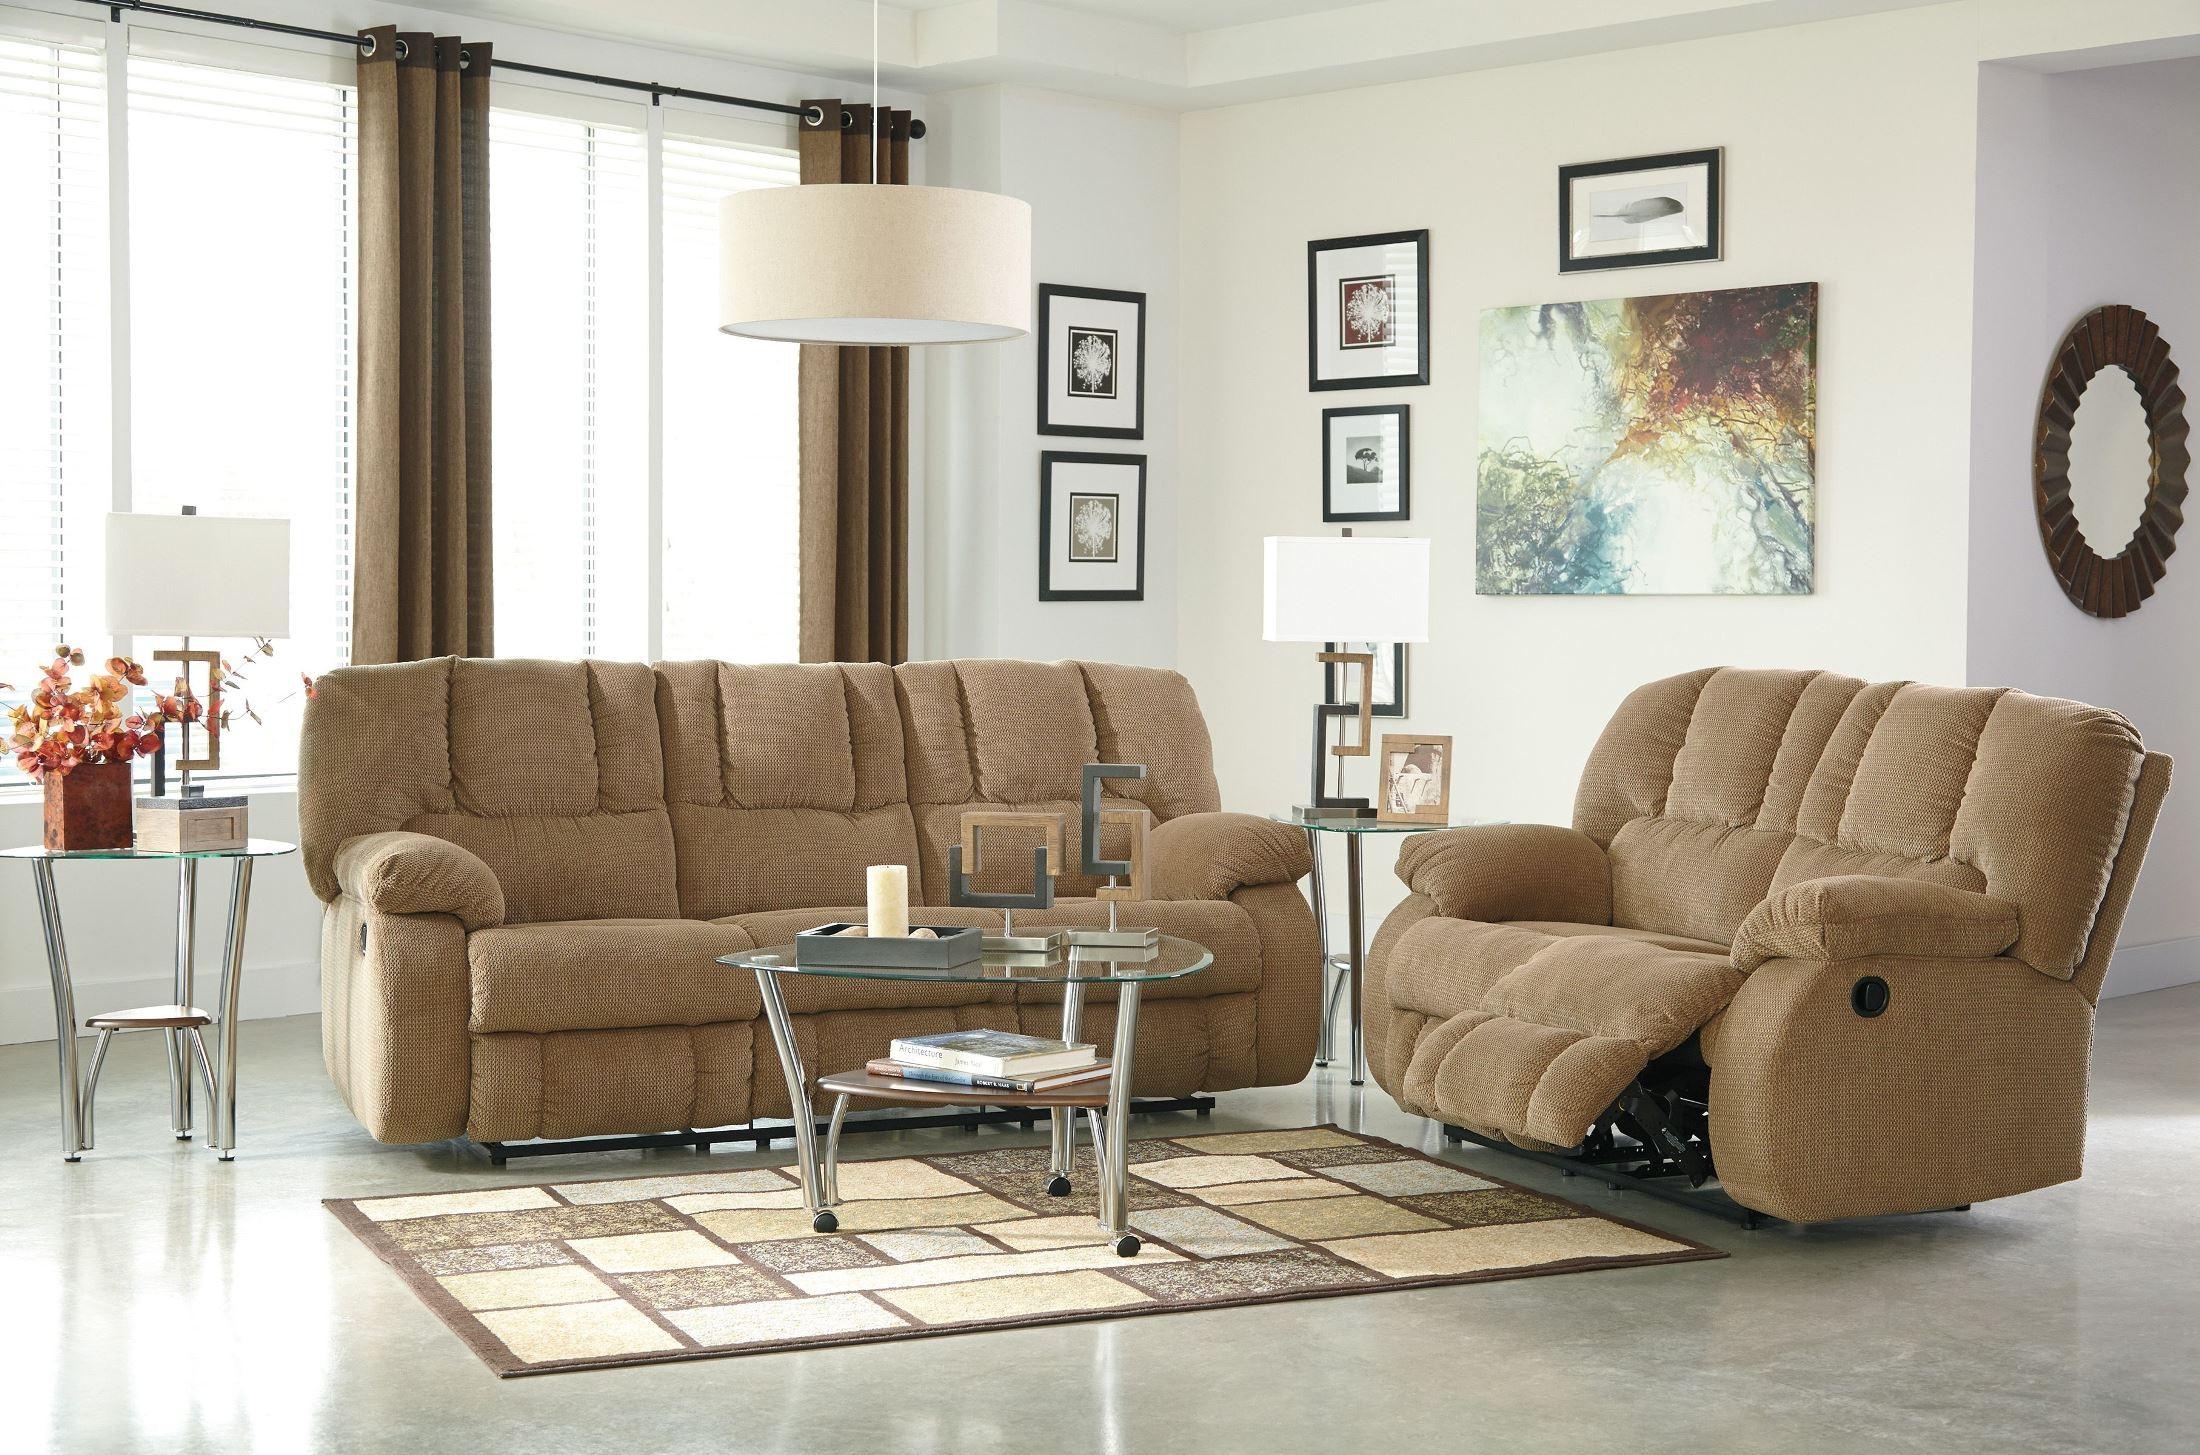 Roan Mocha Reclining Sofa from Ashley